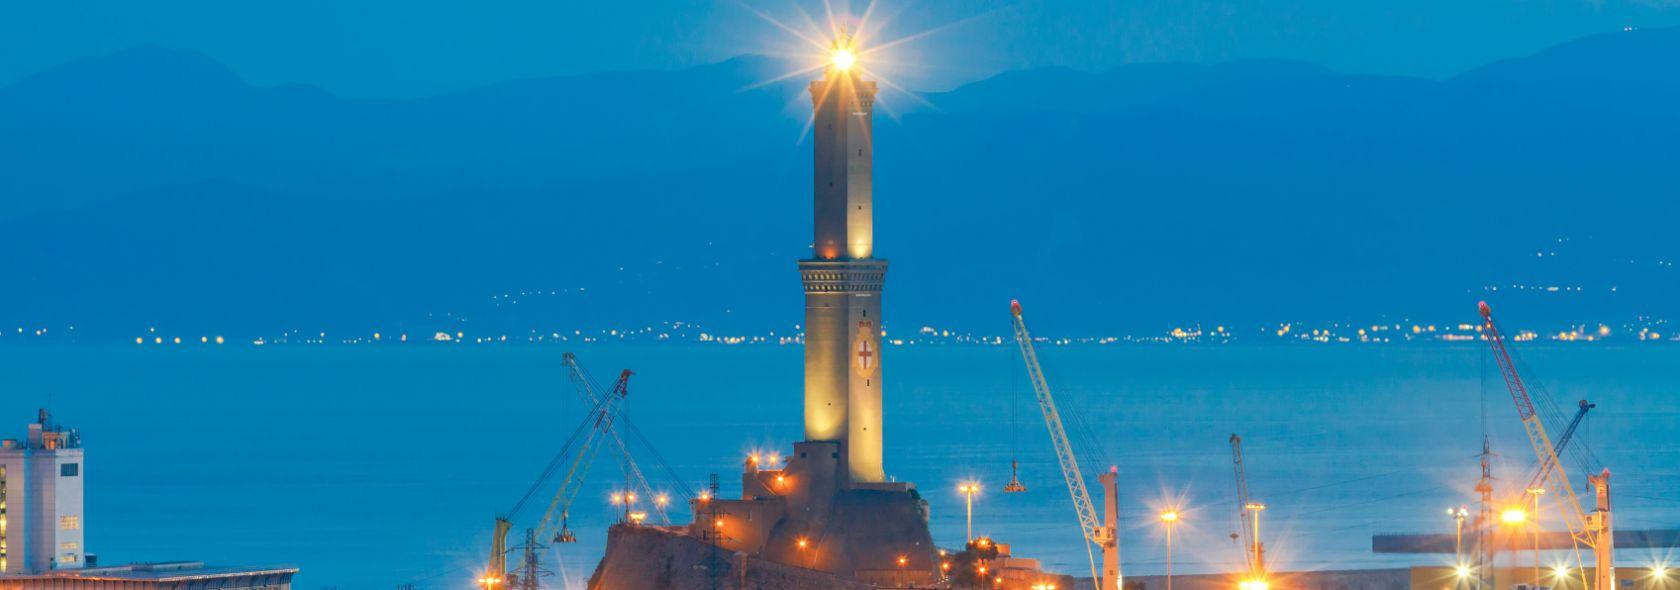 La Lanterna al tramonto